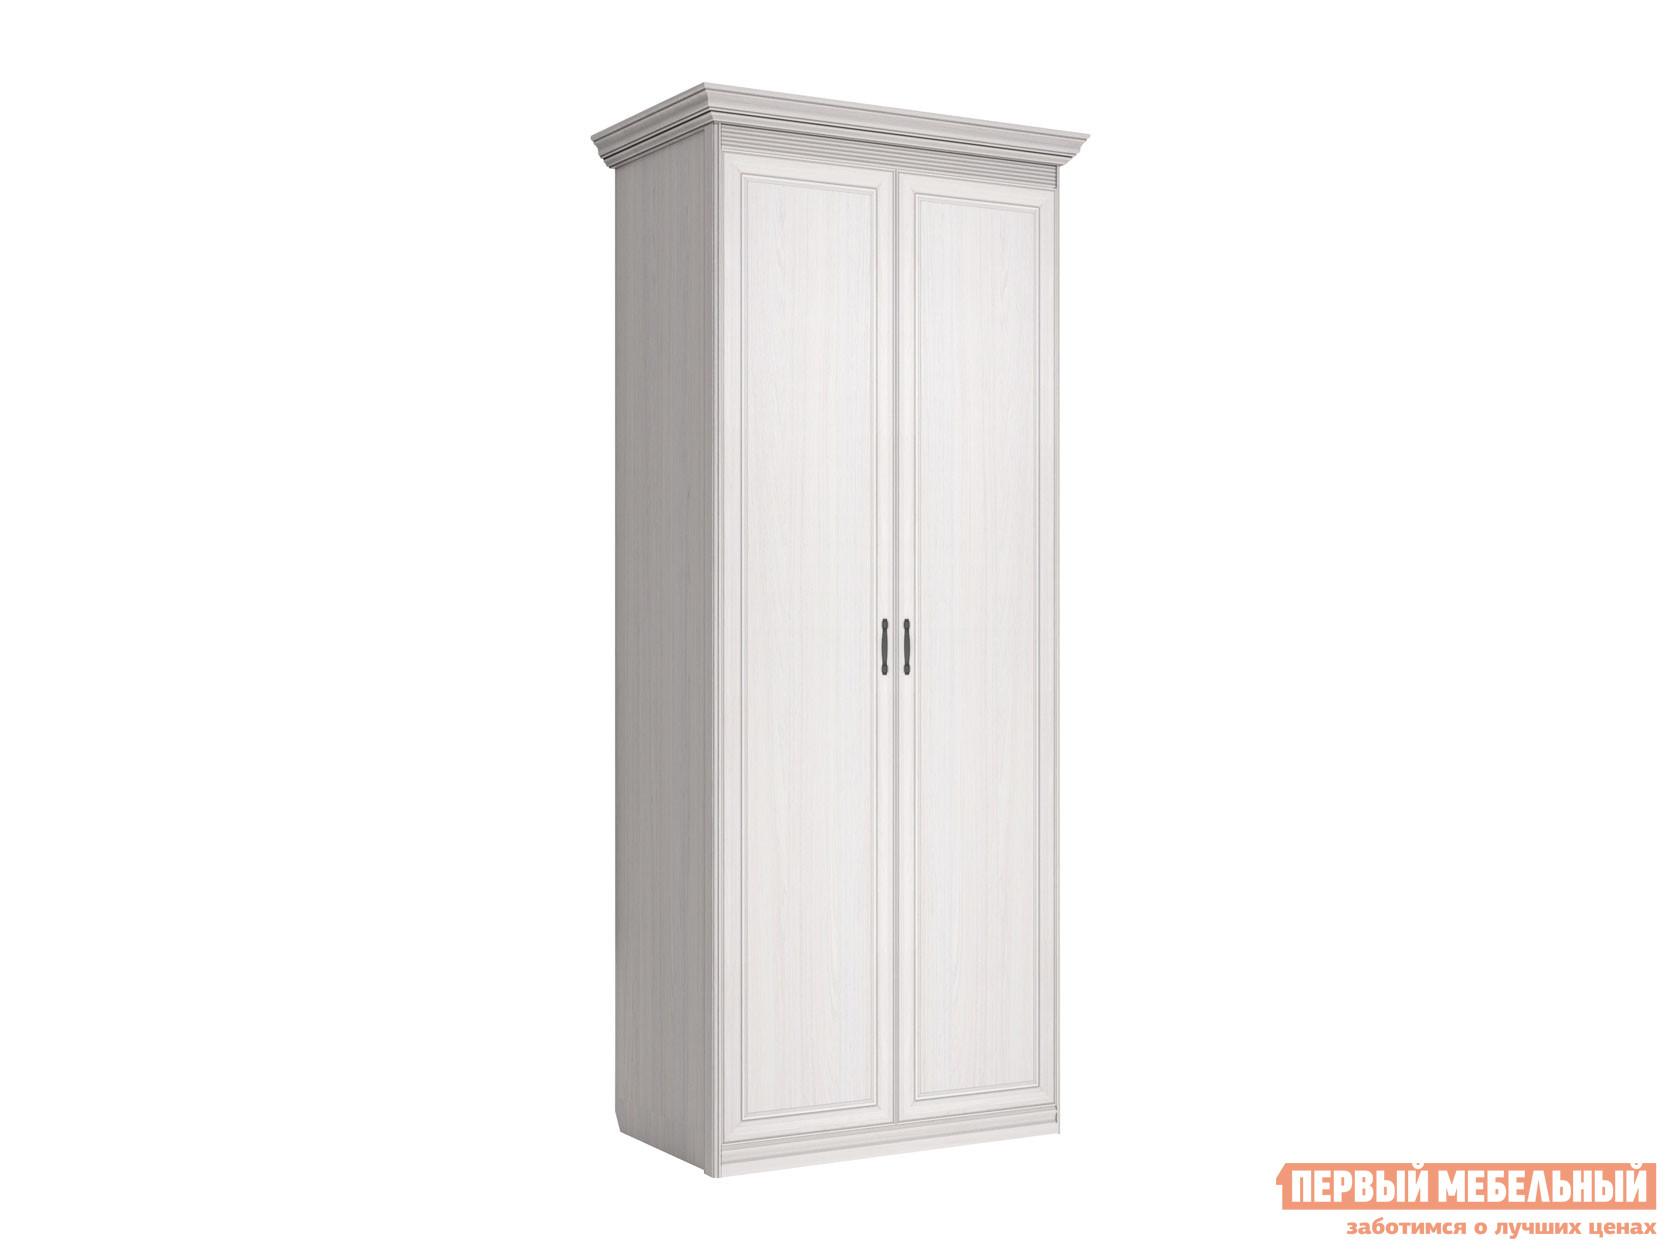 Распашной шкаф  2-х дверный Неаполь Ясень Анкор светлый / Патина серебро, Без зеркала КУРАЖ 114669